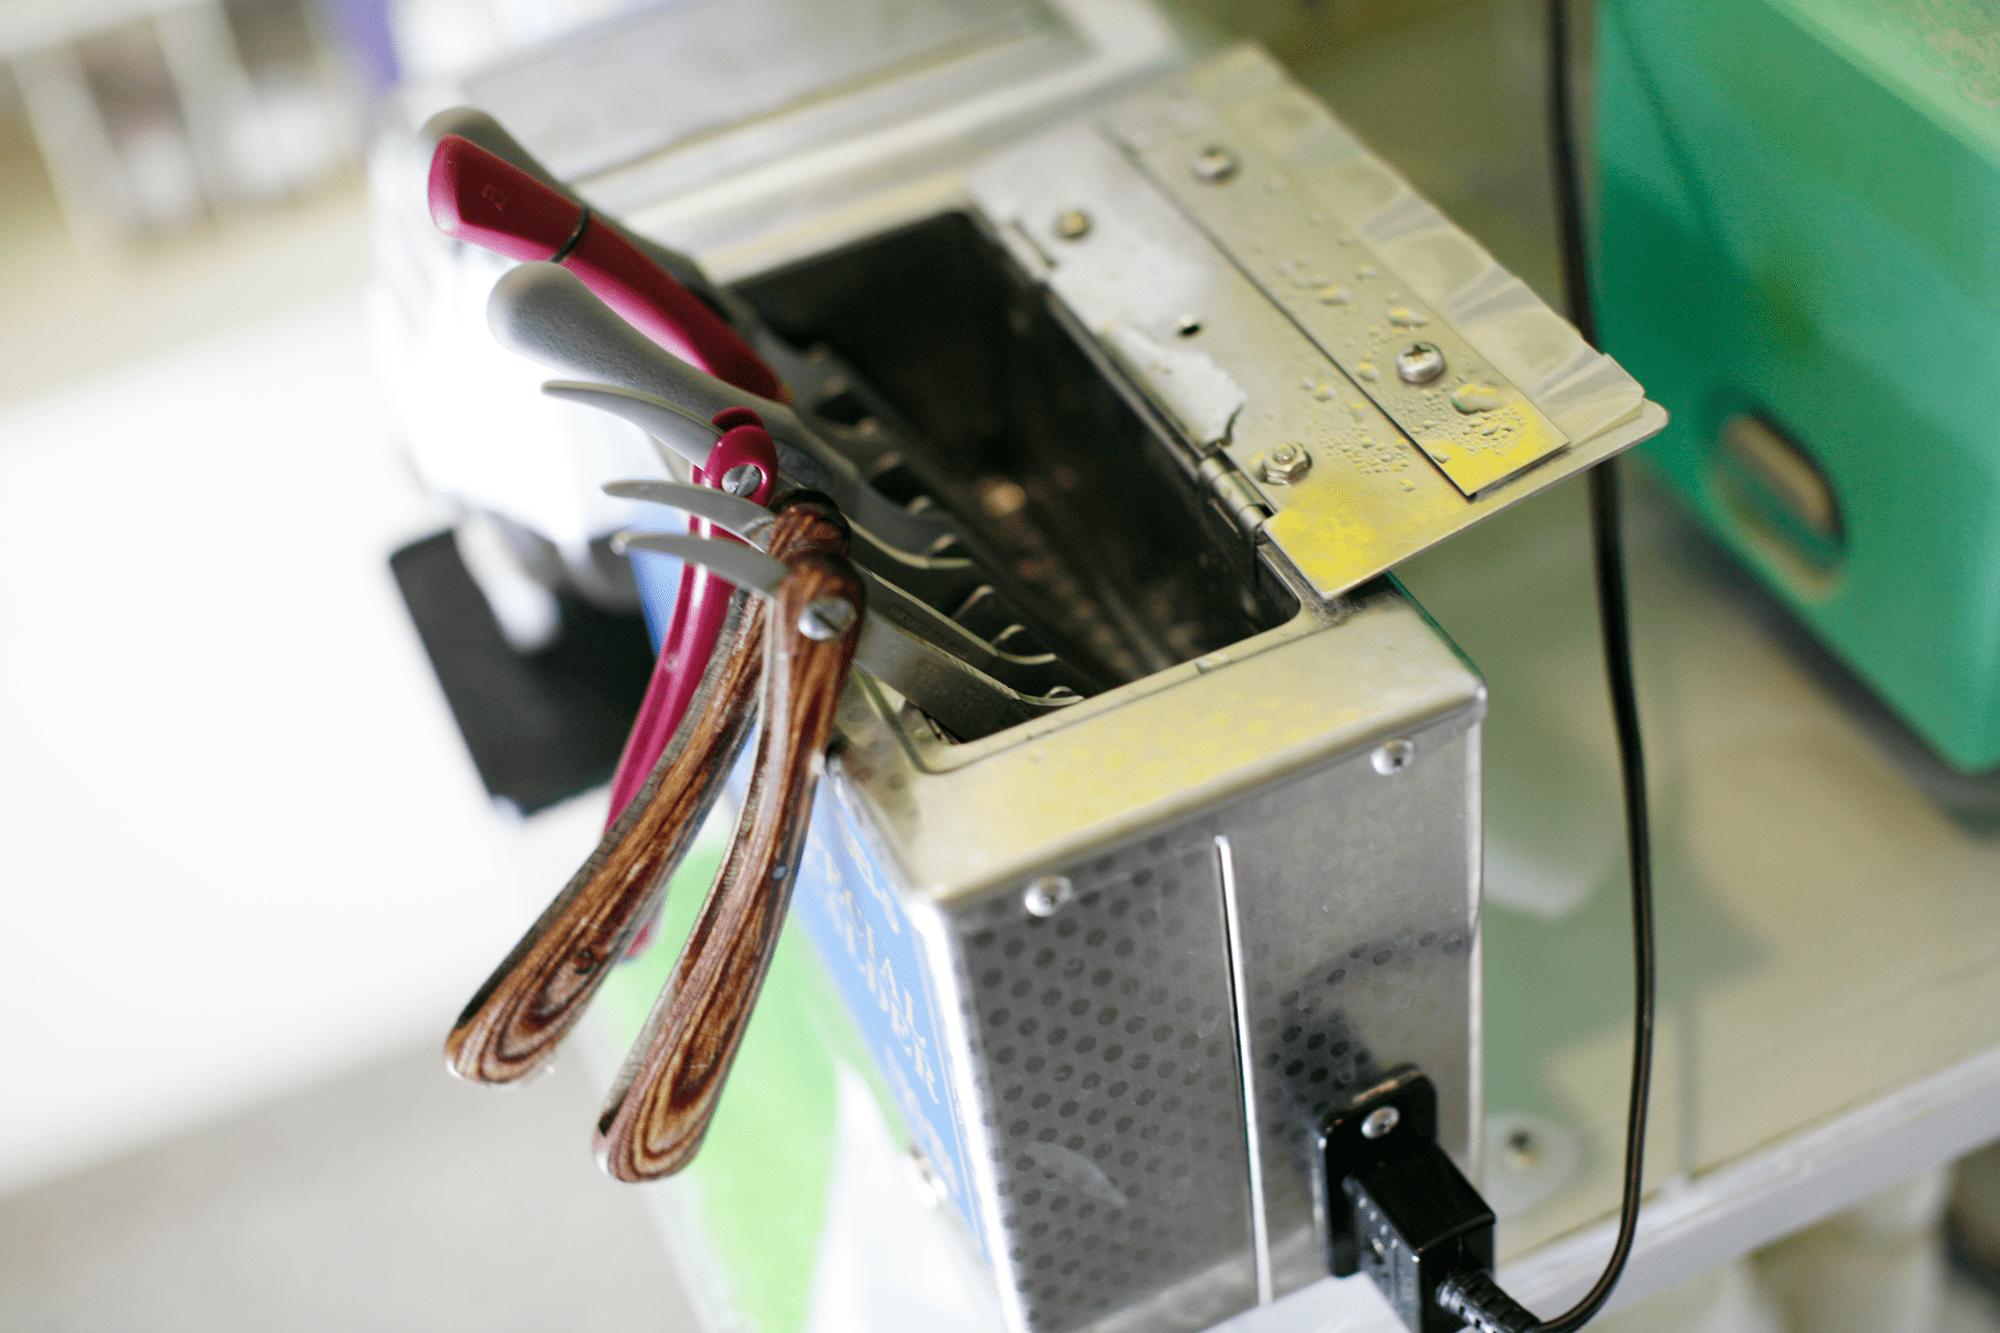 使用する器具は特殊な業務用煮沸消毒器にて完全滅菌消毒します。